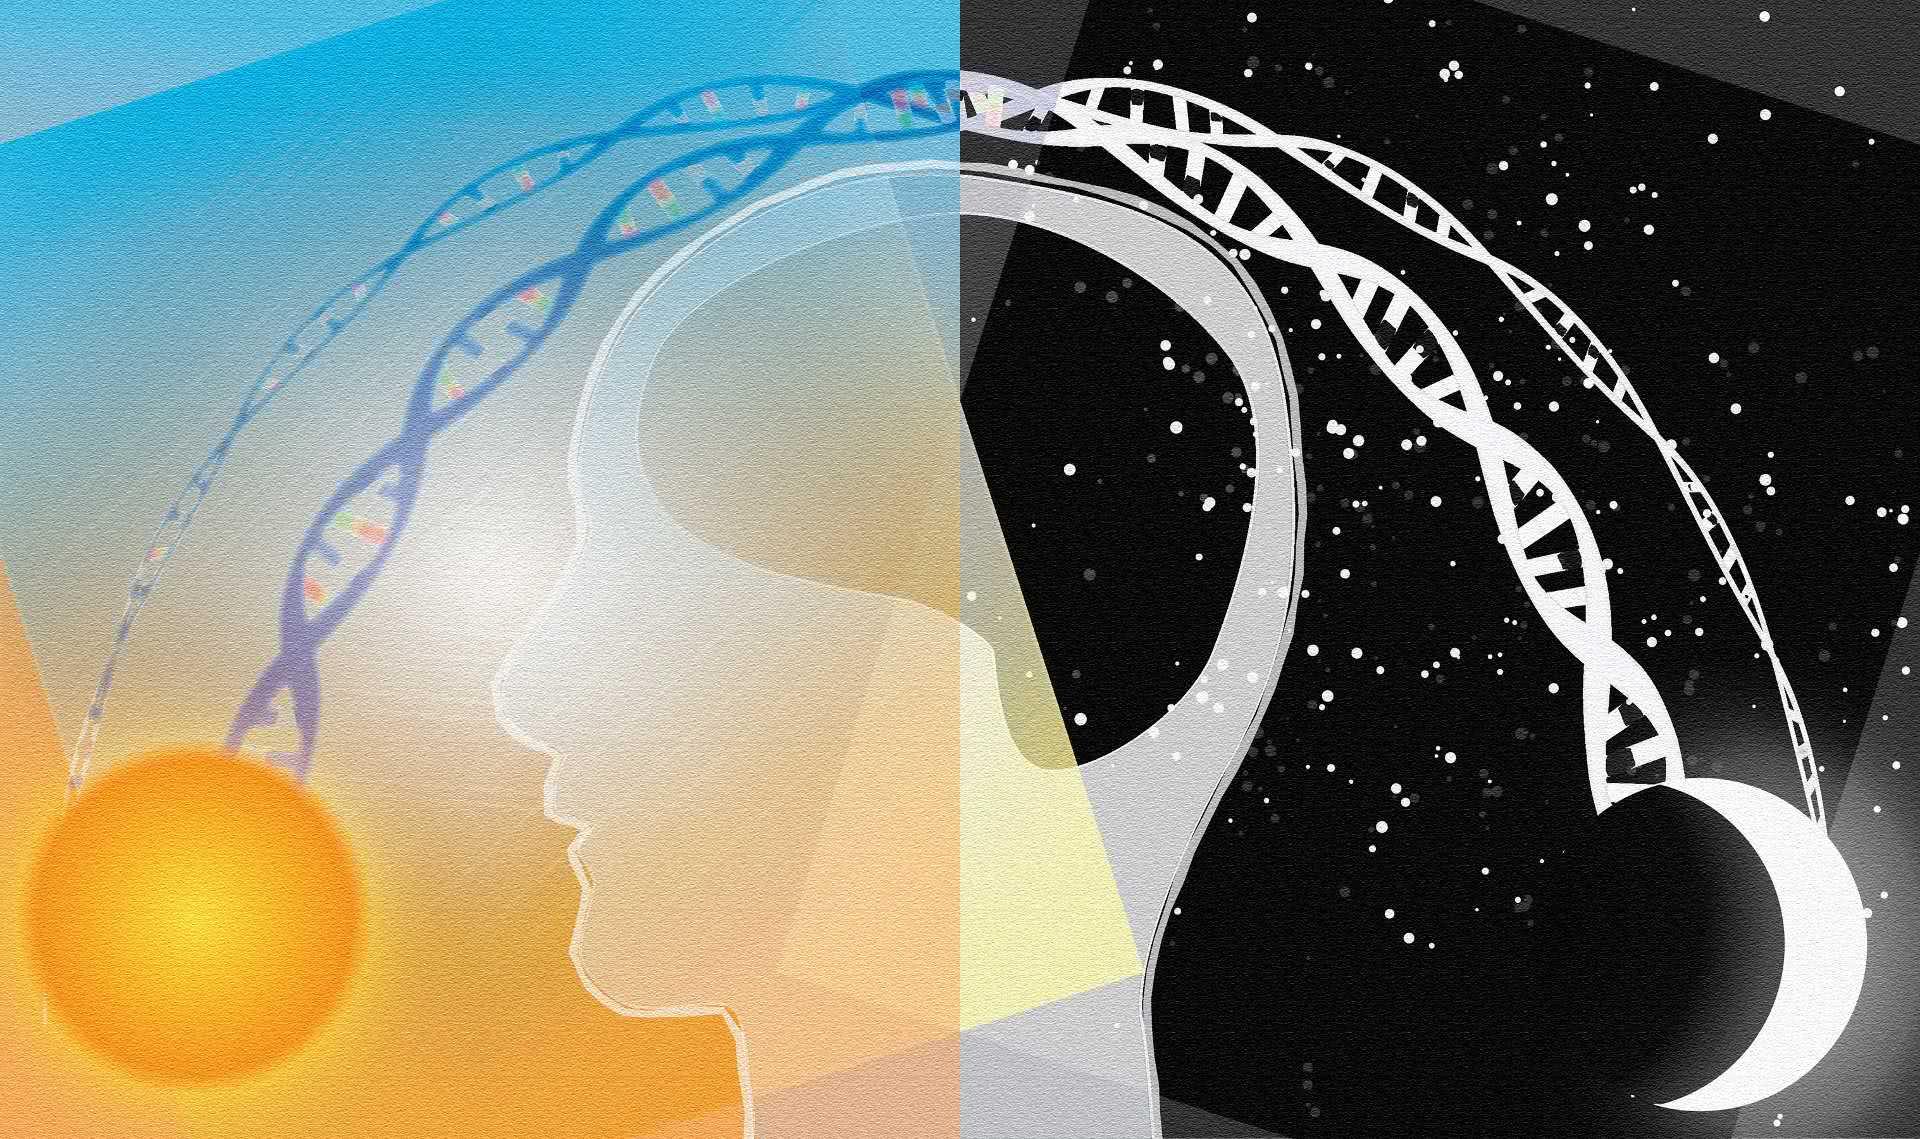 Quali sono le basi biologiche ed anatomiche del ritmo circadiano umano?